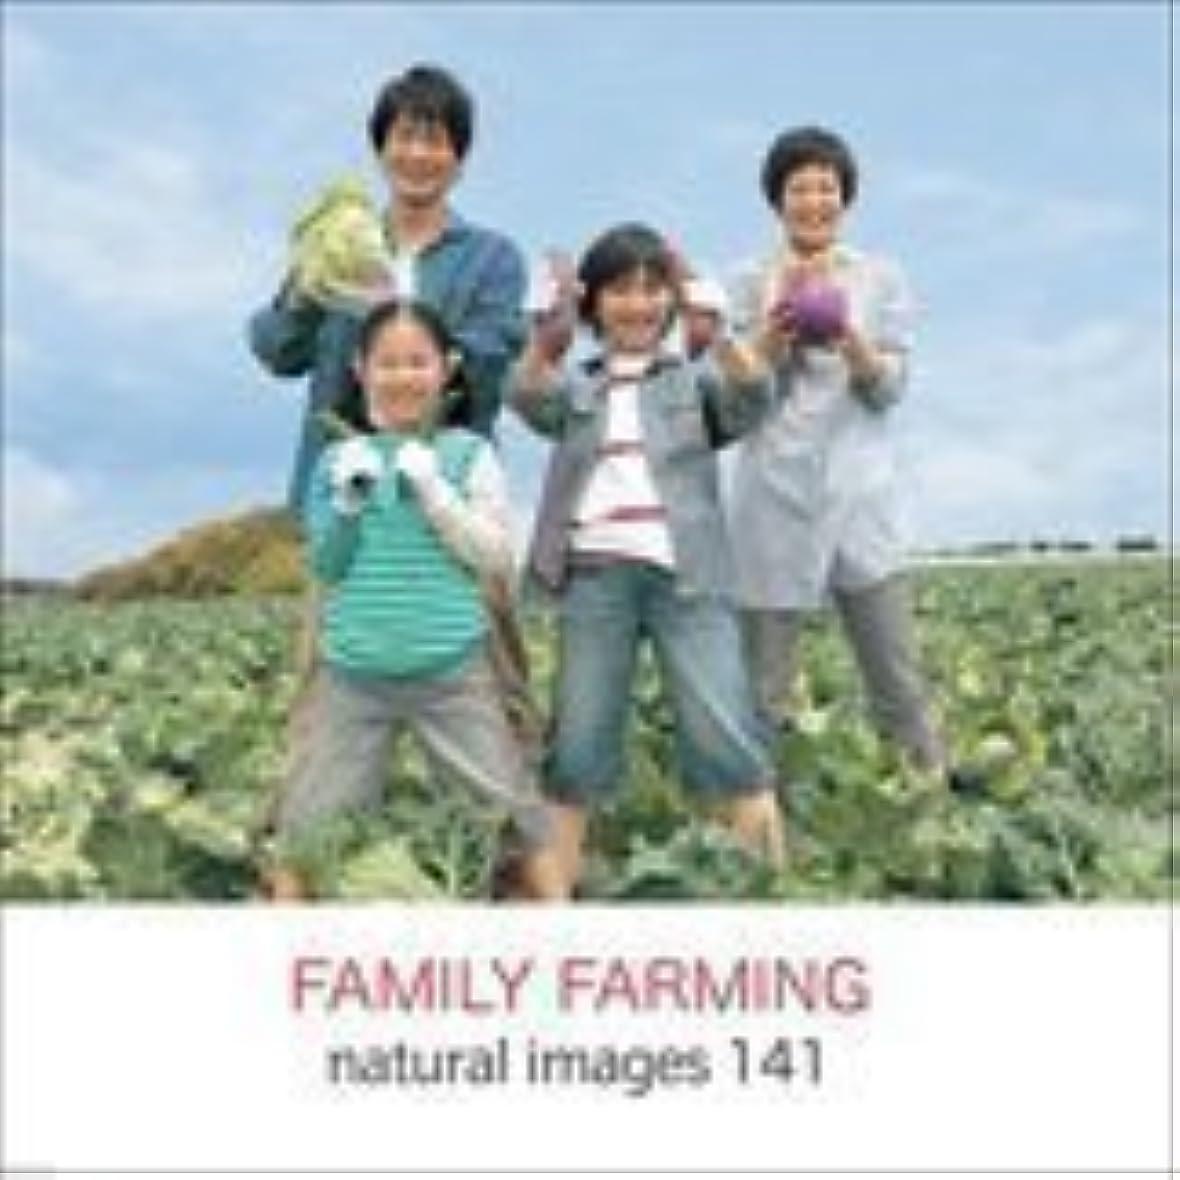 洗練送ったすきnaturalimages Vol.141 FAMILY FARMING